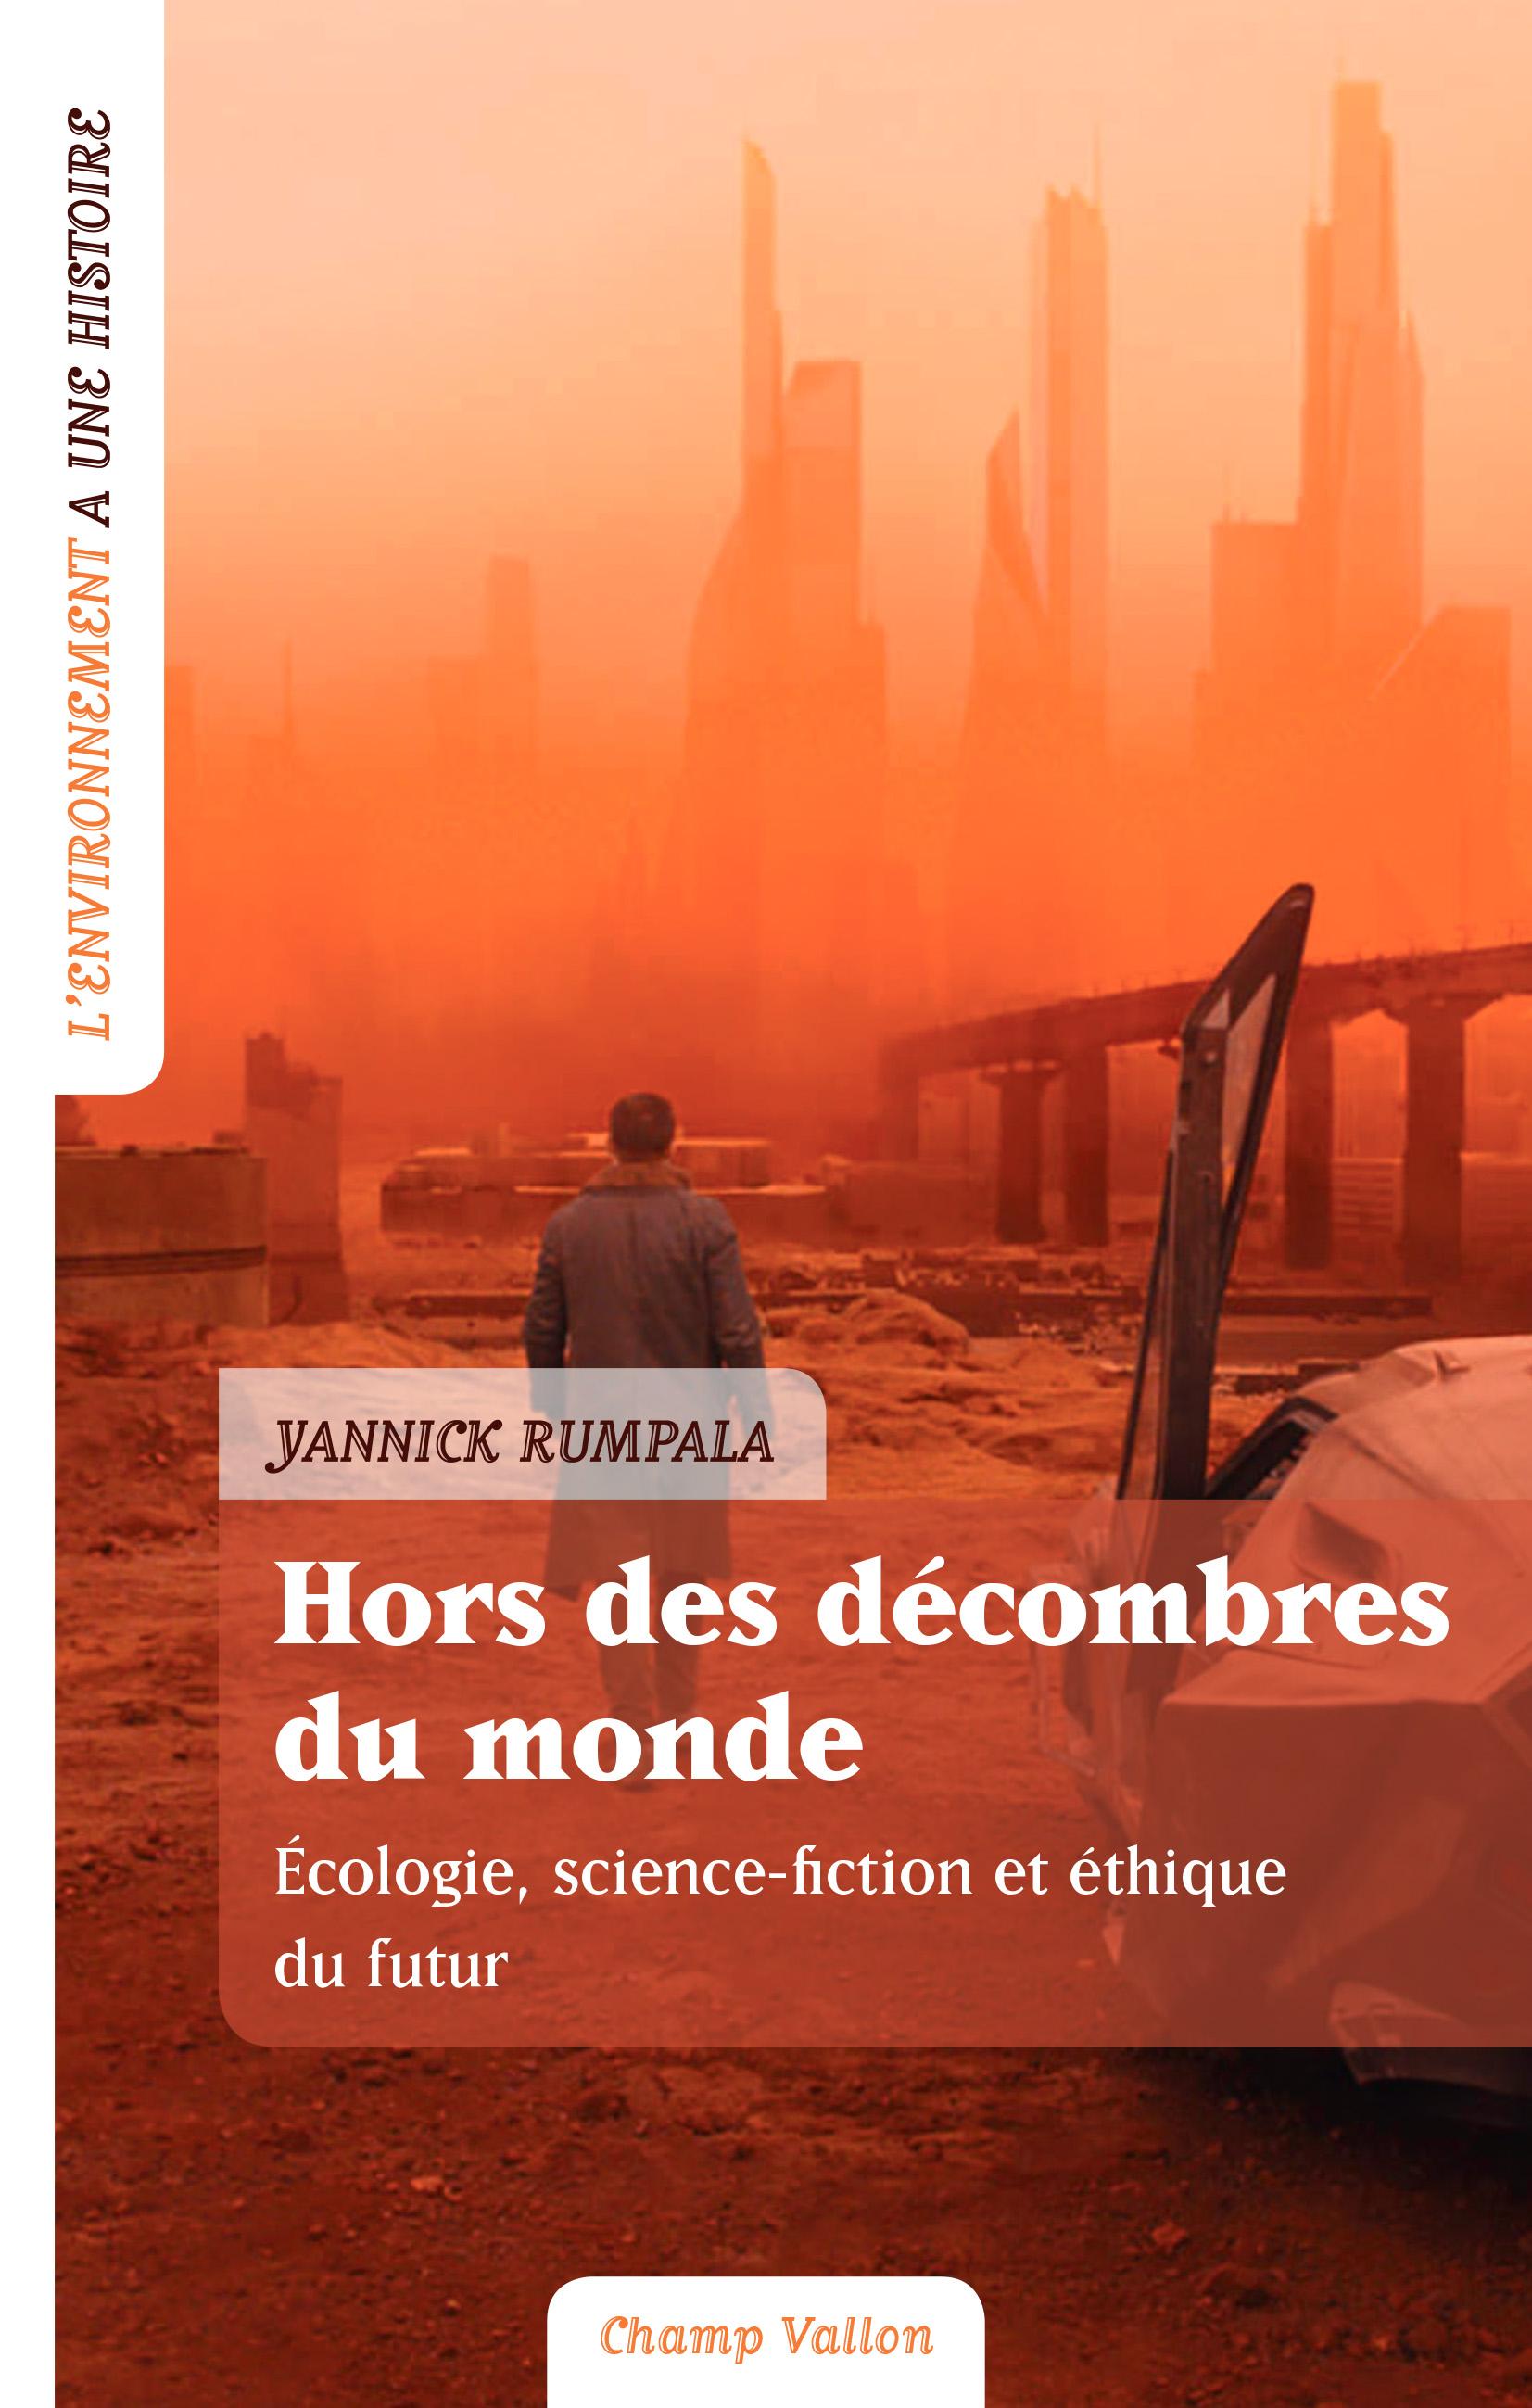 Hors des décombres du monde . Ecologie, science-fiction et éthique du futur, de Yannick Rumpala Couv-Hors-des-de%CC%81combres-du-monde-1